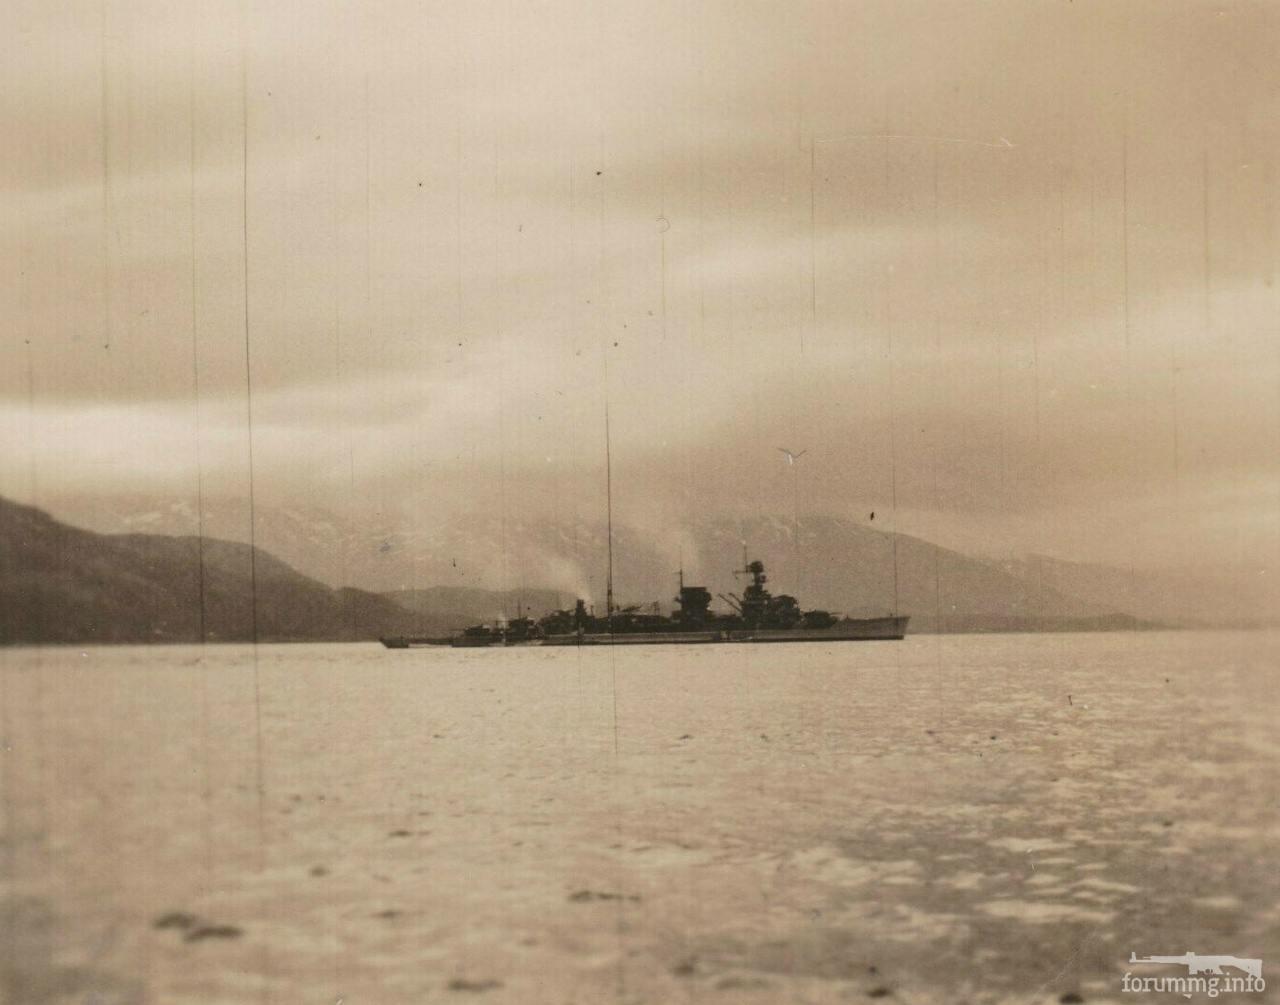 115299 - Легкий крейсер Nürnberg в Норвегии, лето 1940 г.